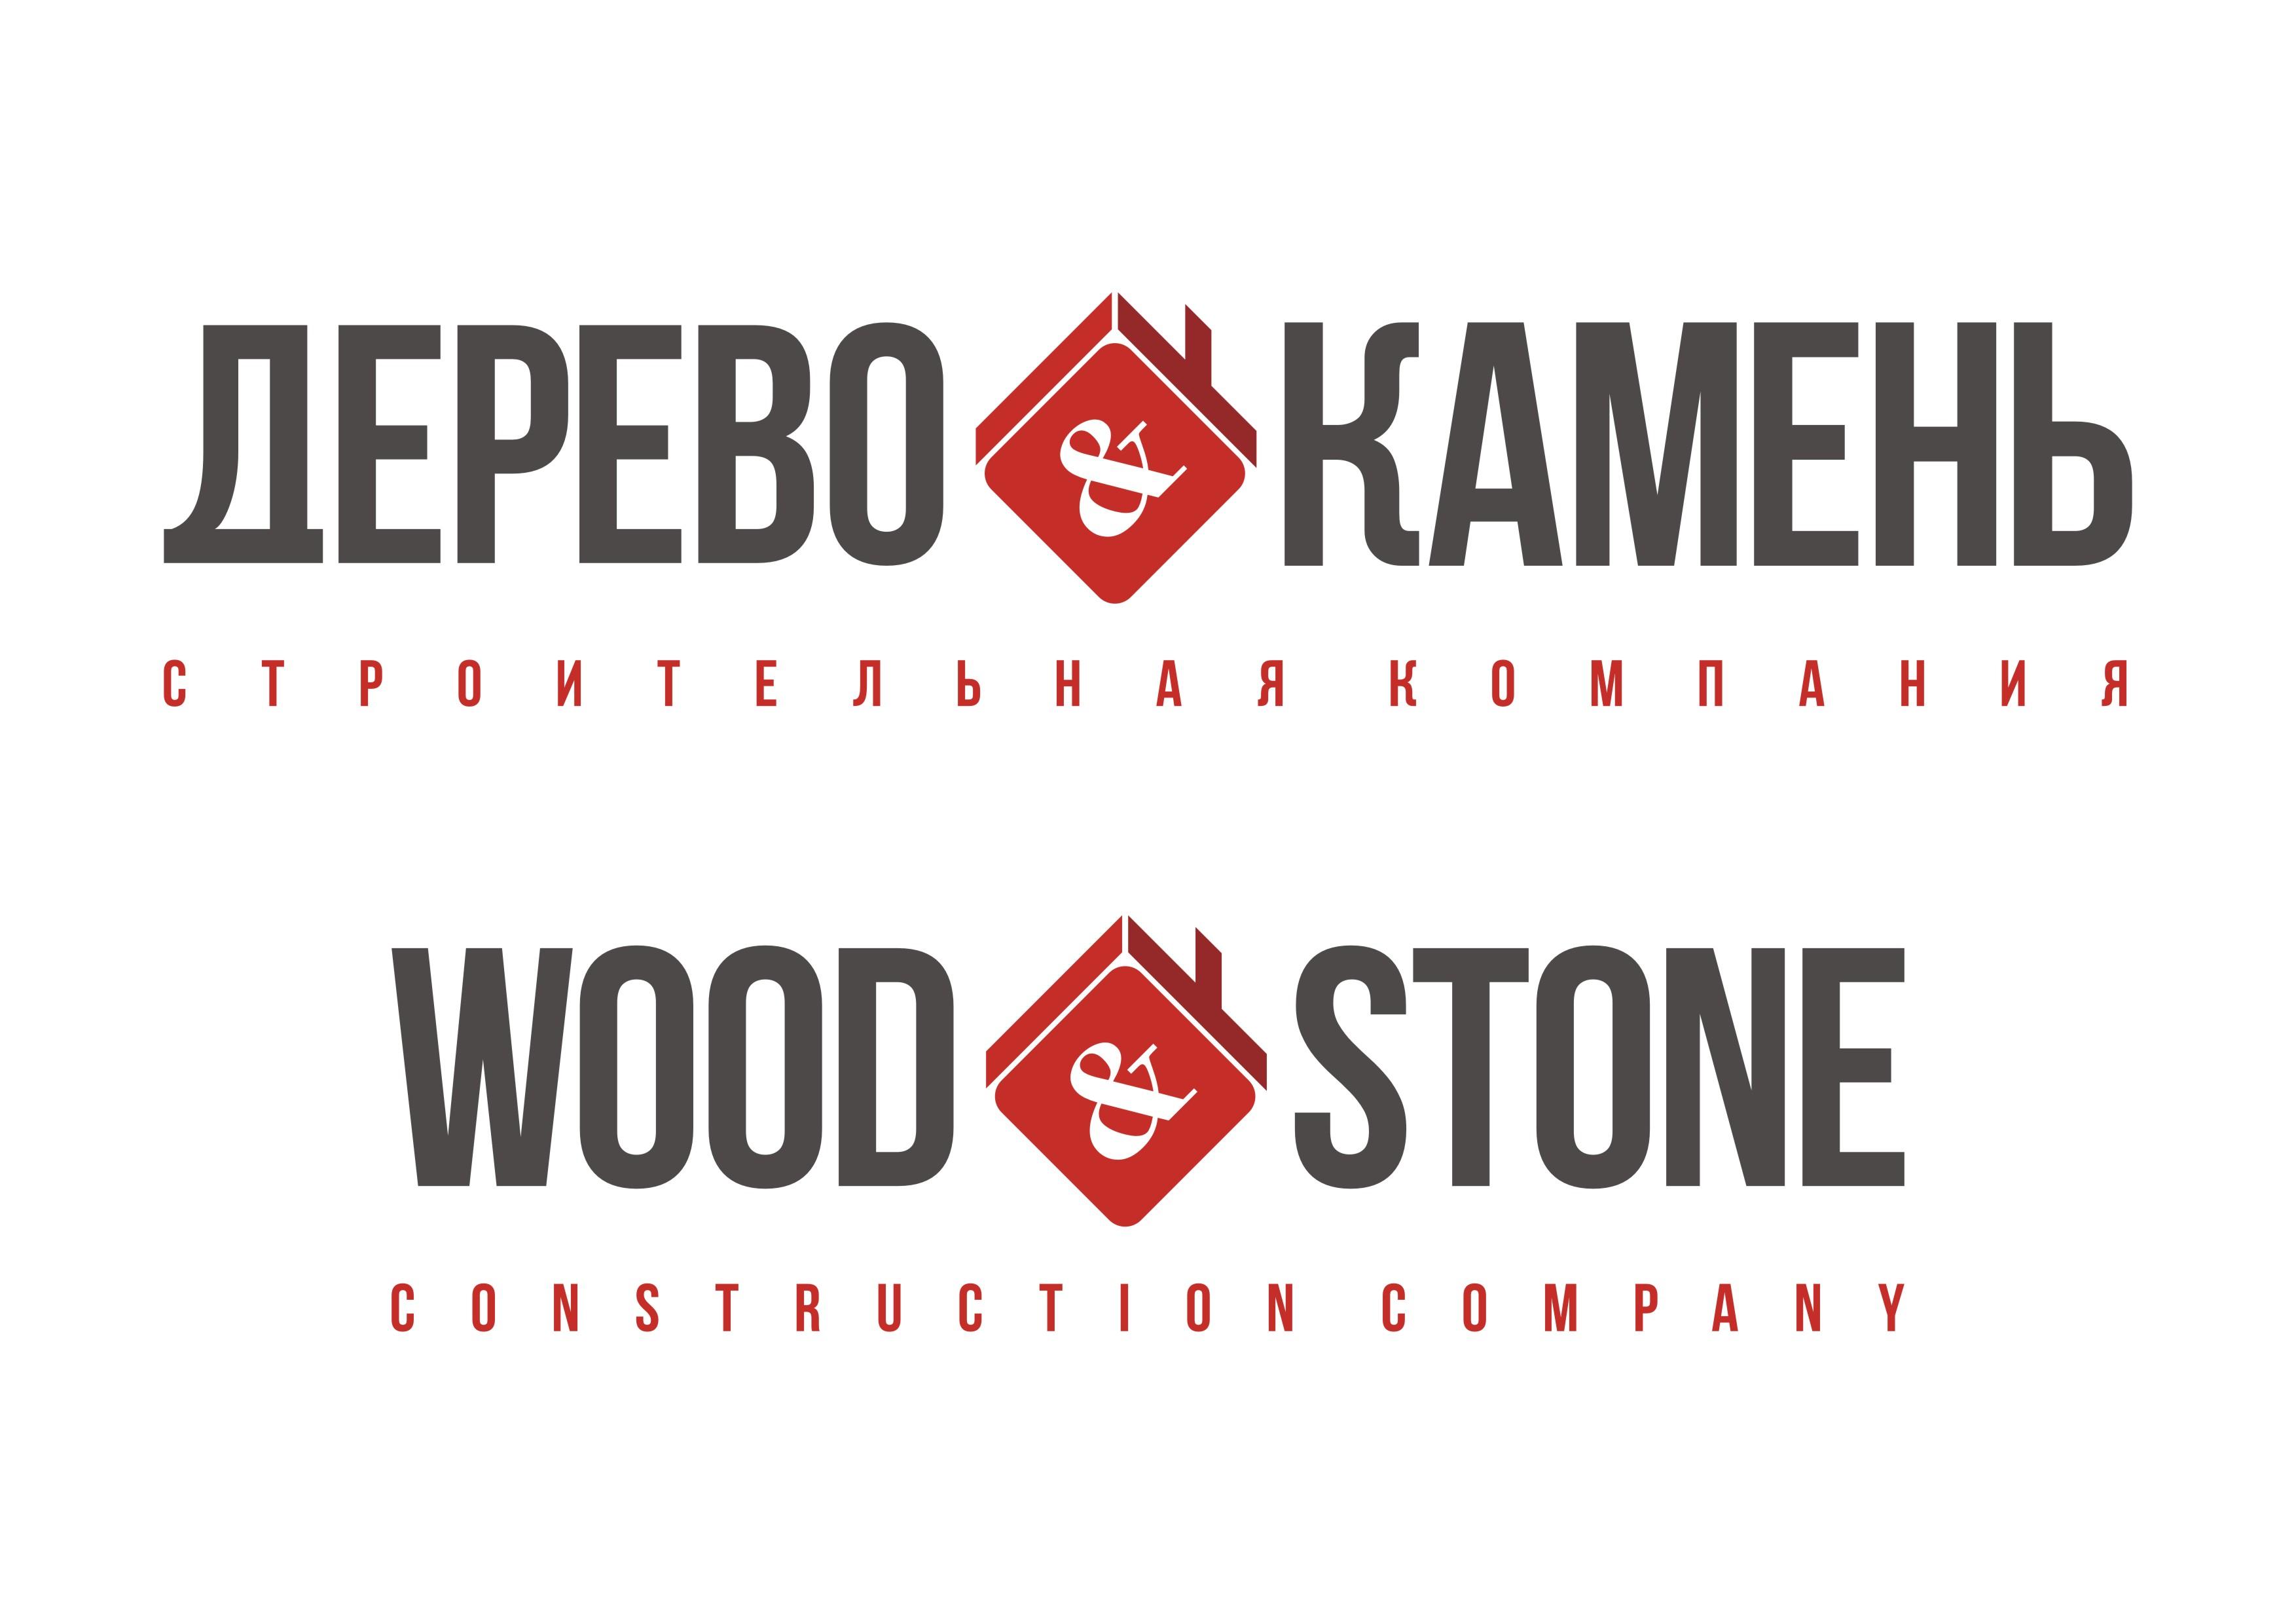 Логотип и Фирменный стиль фото f_30654a643cdadfde.jpg